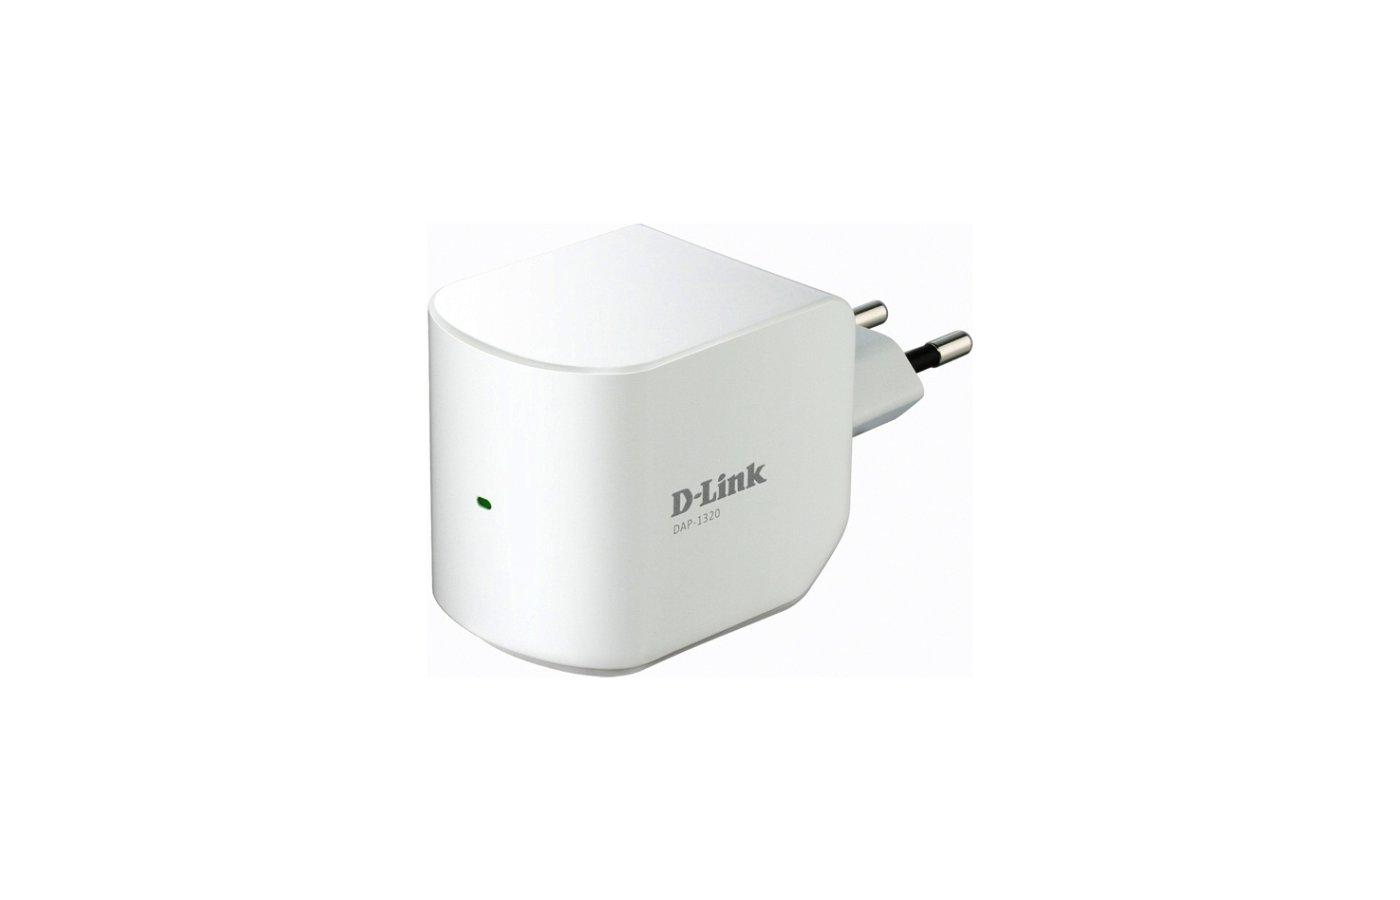 Сетевое оборудование D-Link DAP-1320